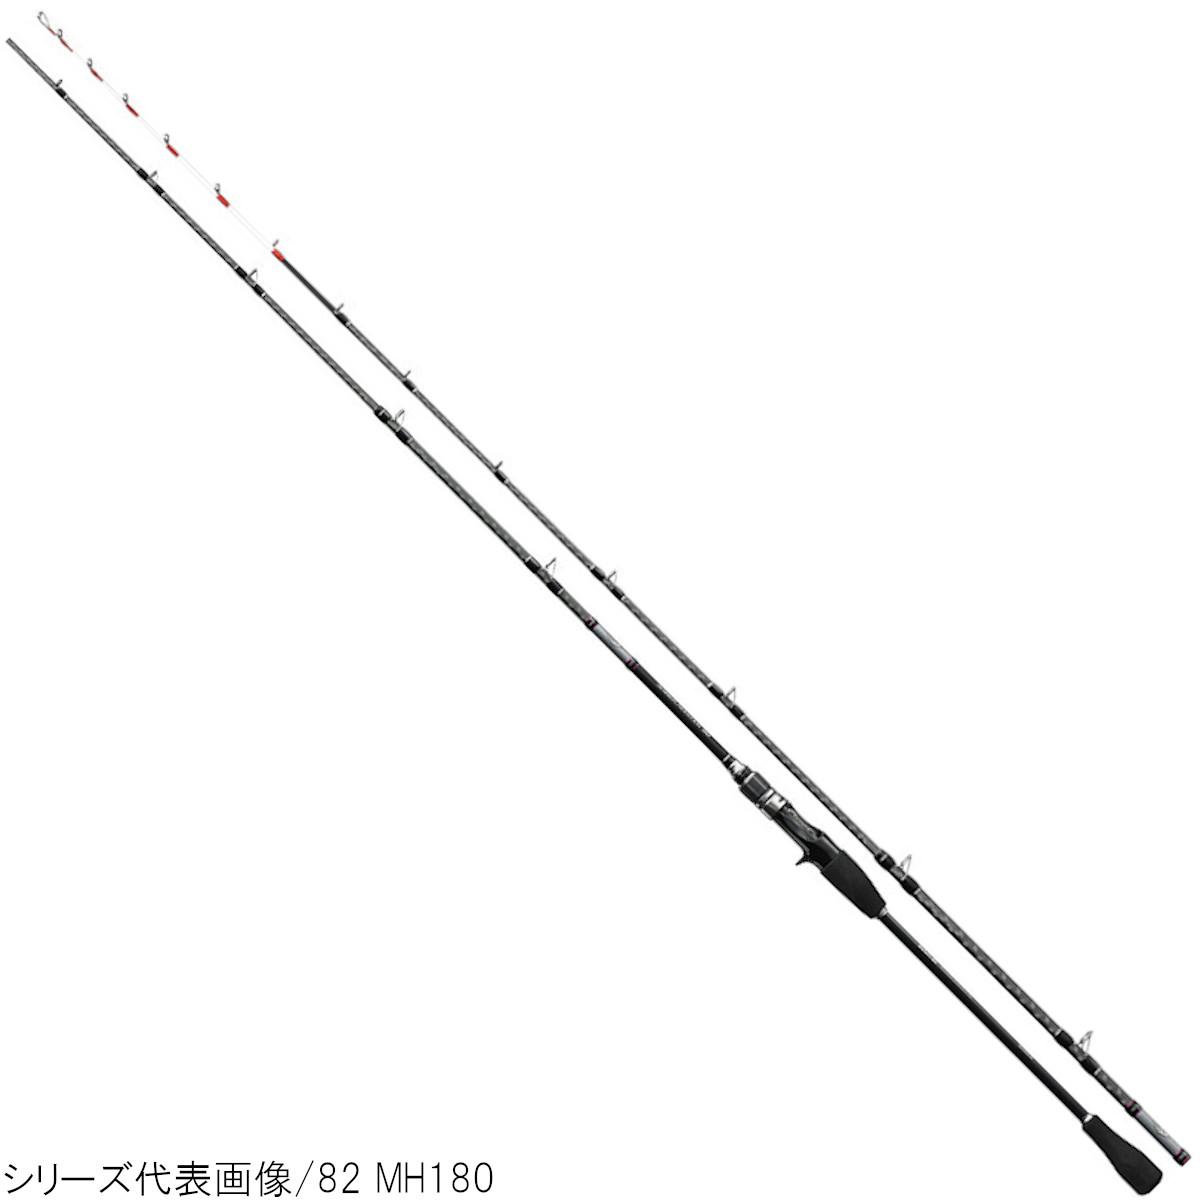 【8日最大8千円オフクーポン!】シマノ サーベルマスター BB 82 HH170